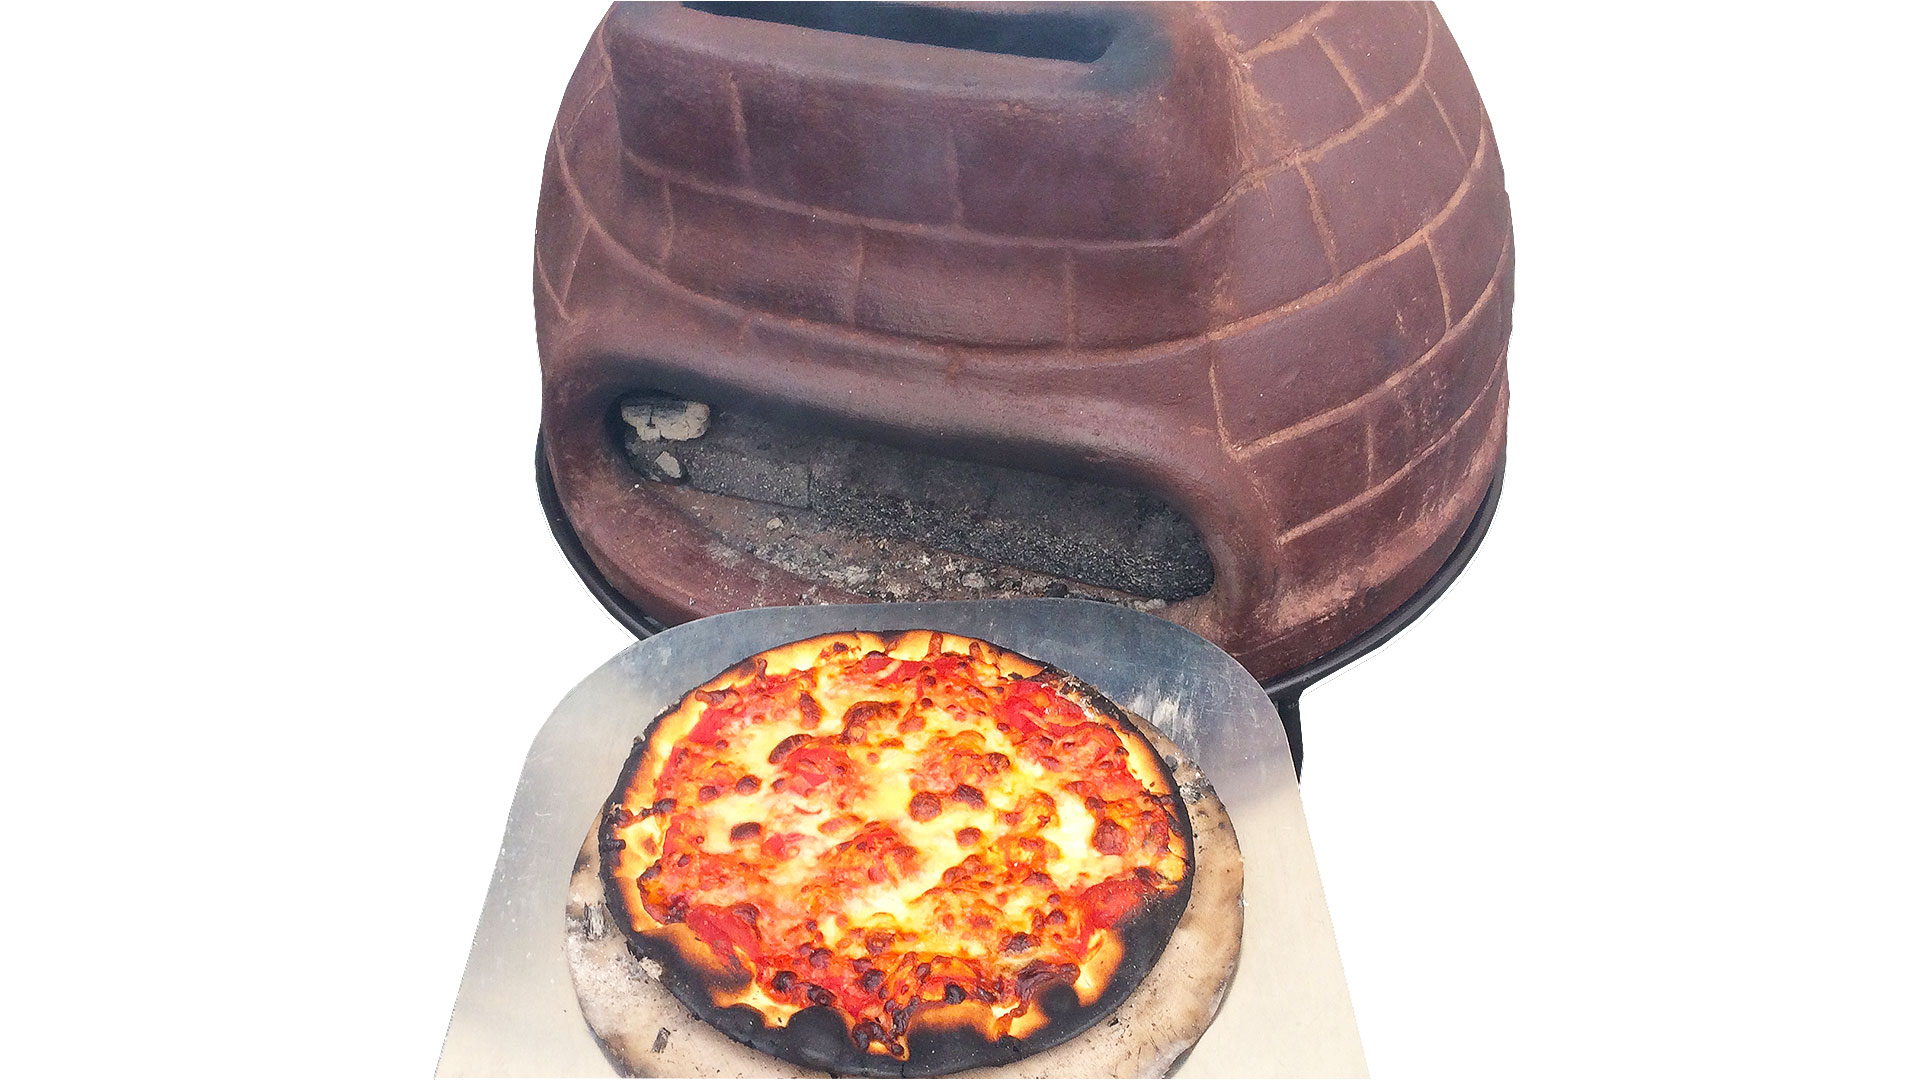 メキシコ製ピザ窯チムニーmch060のピザ焼き